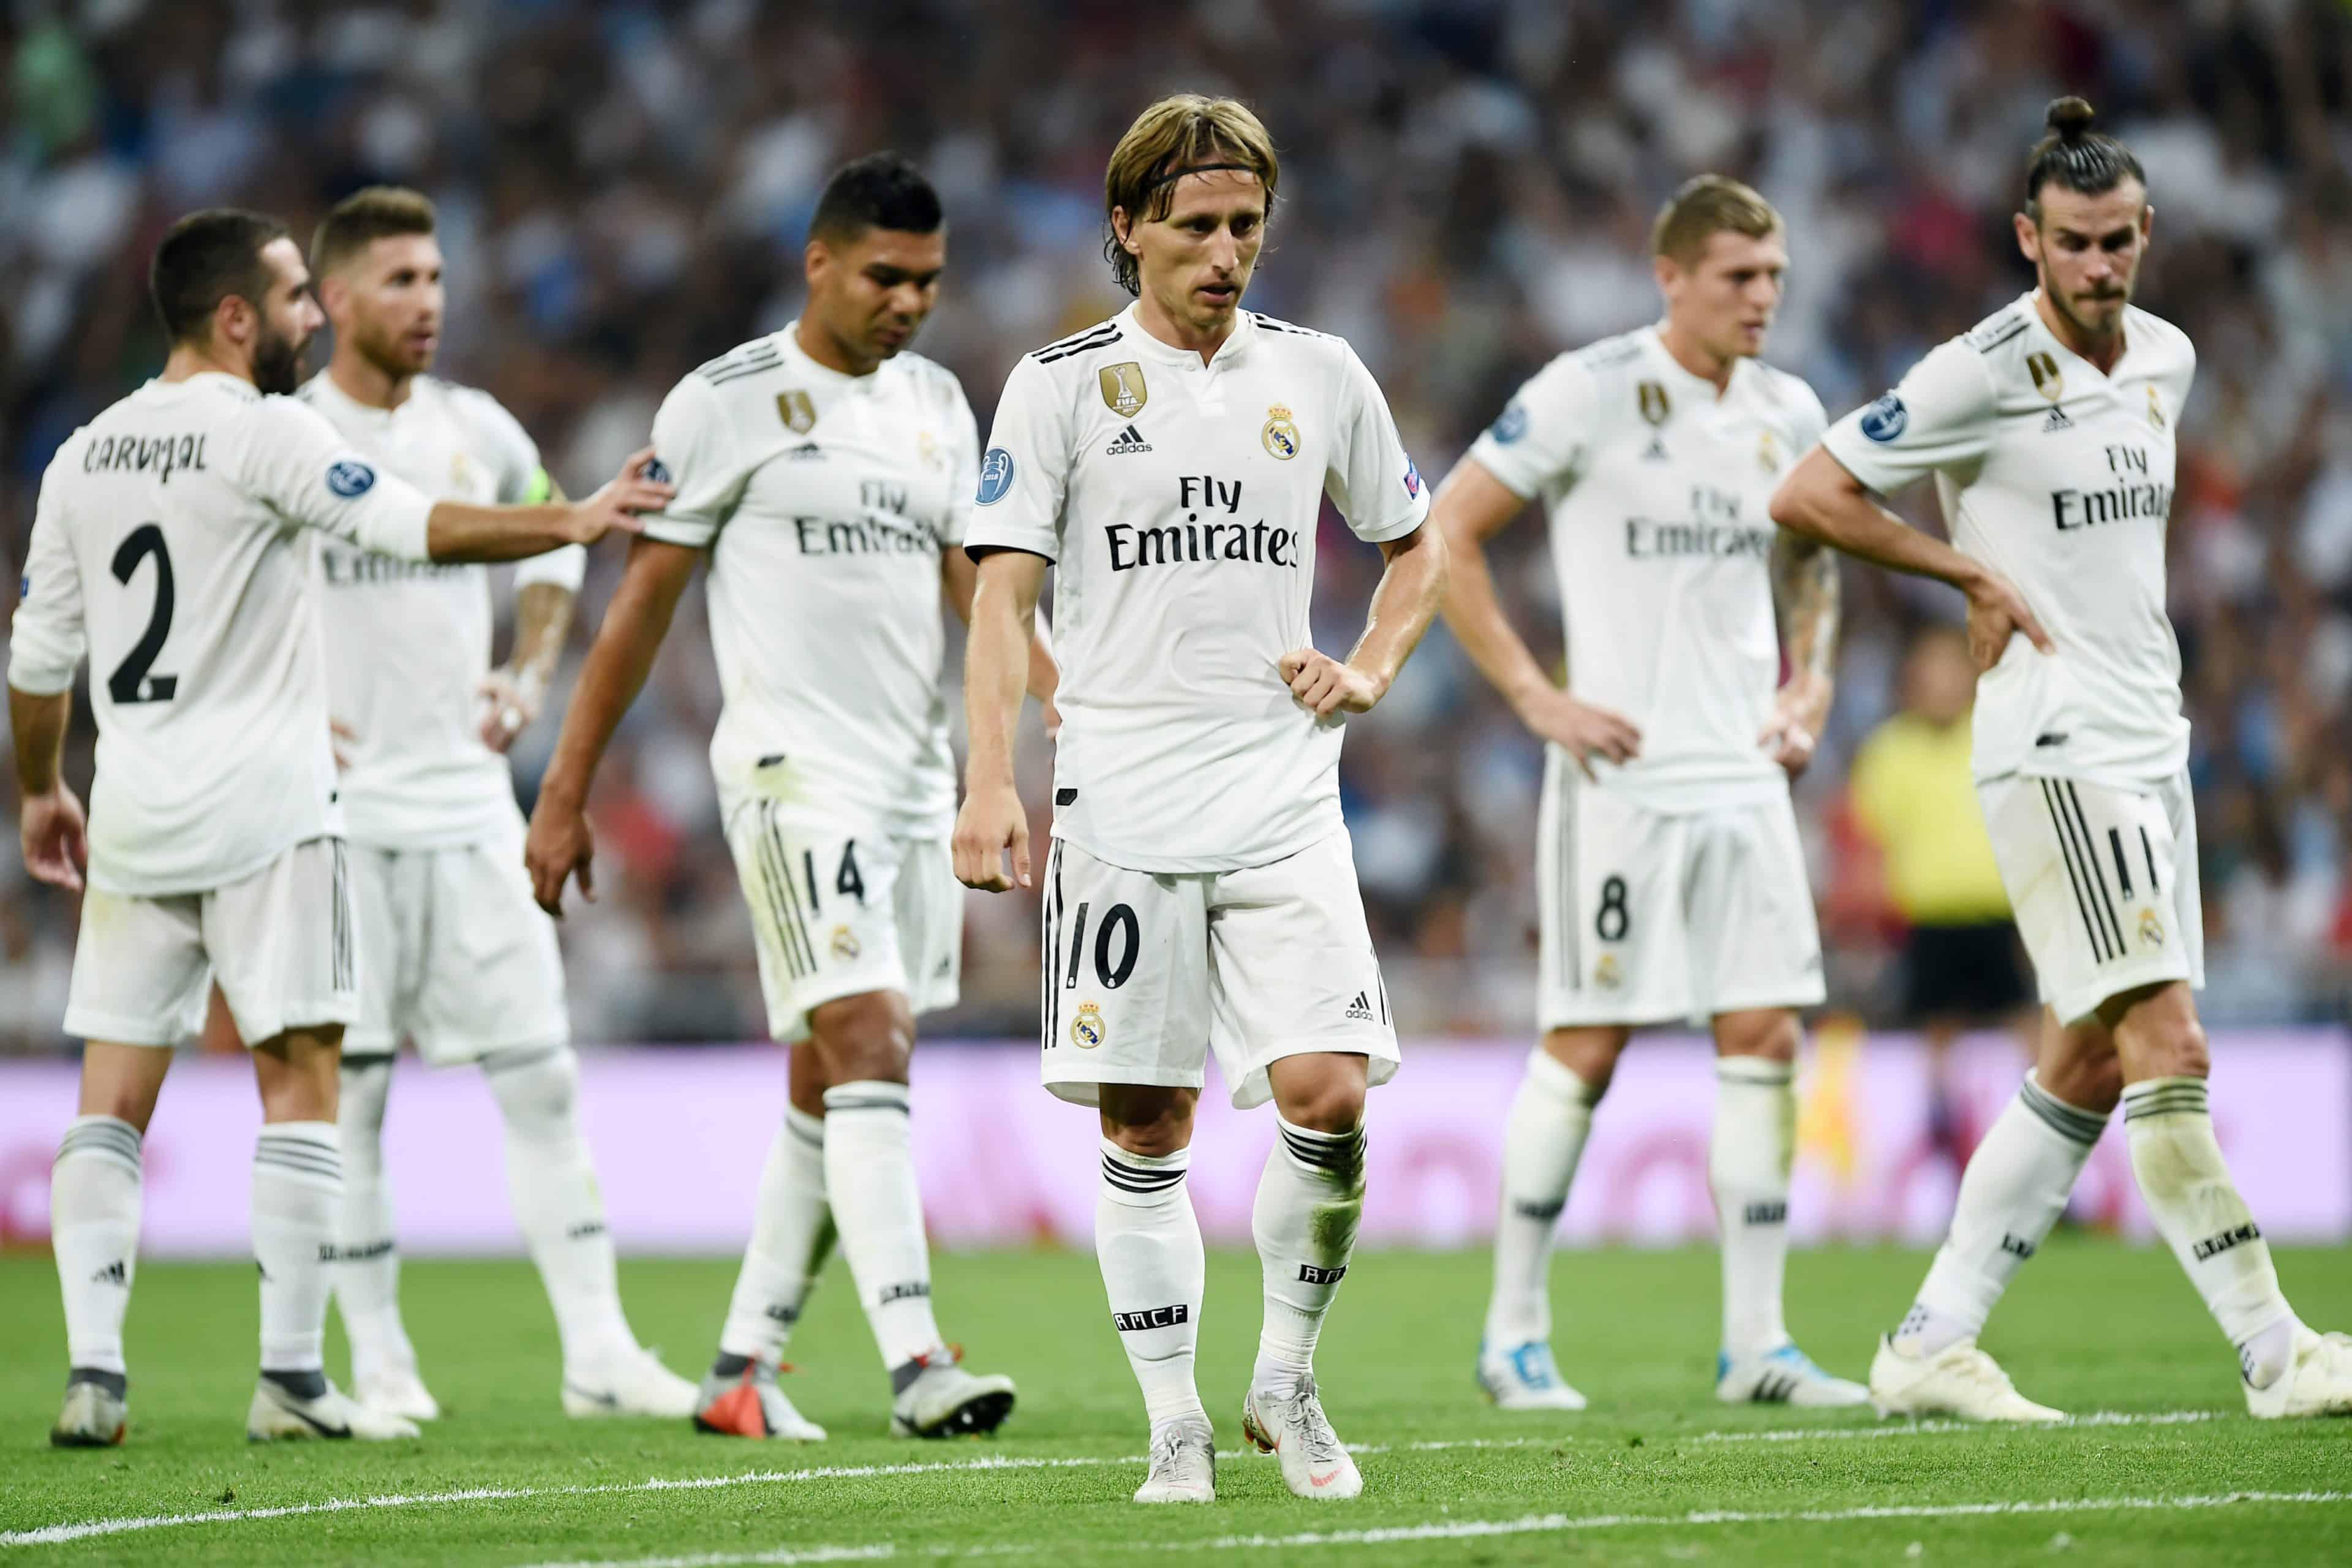 Probabili formazioni Real Madrid-Valladolid